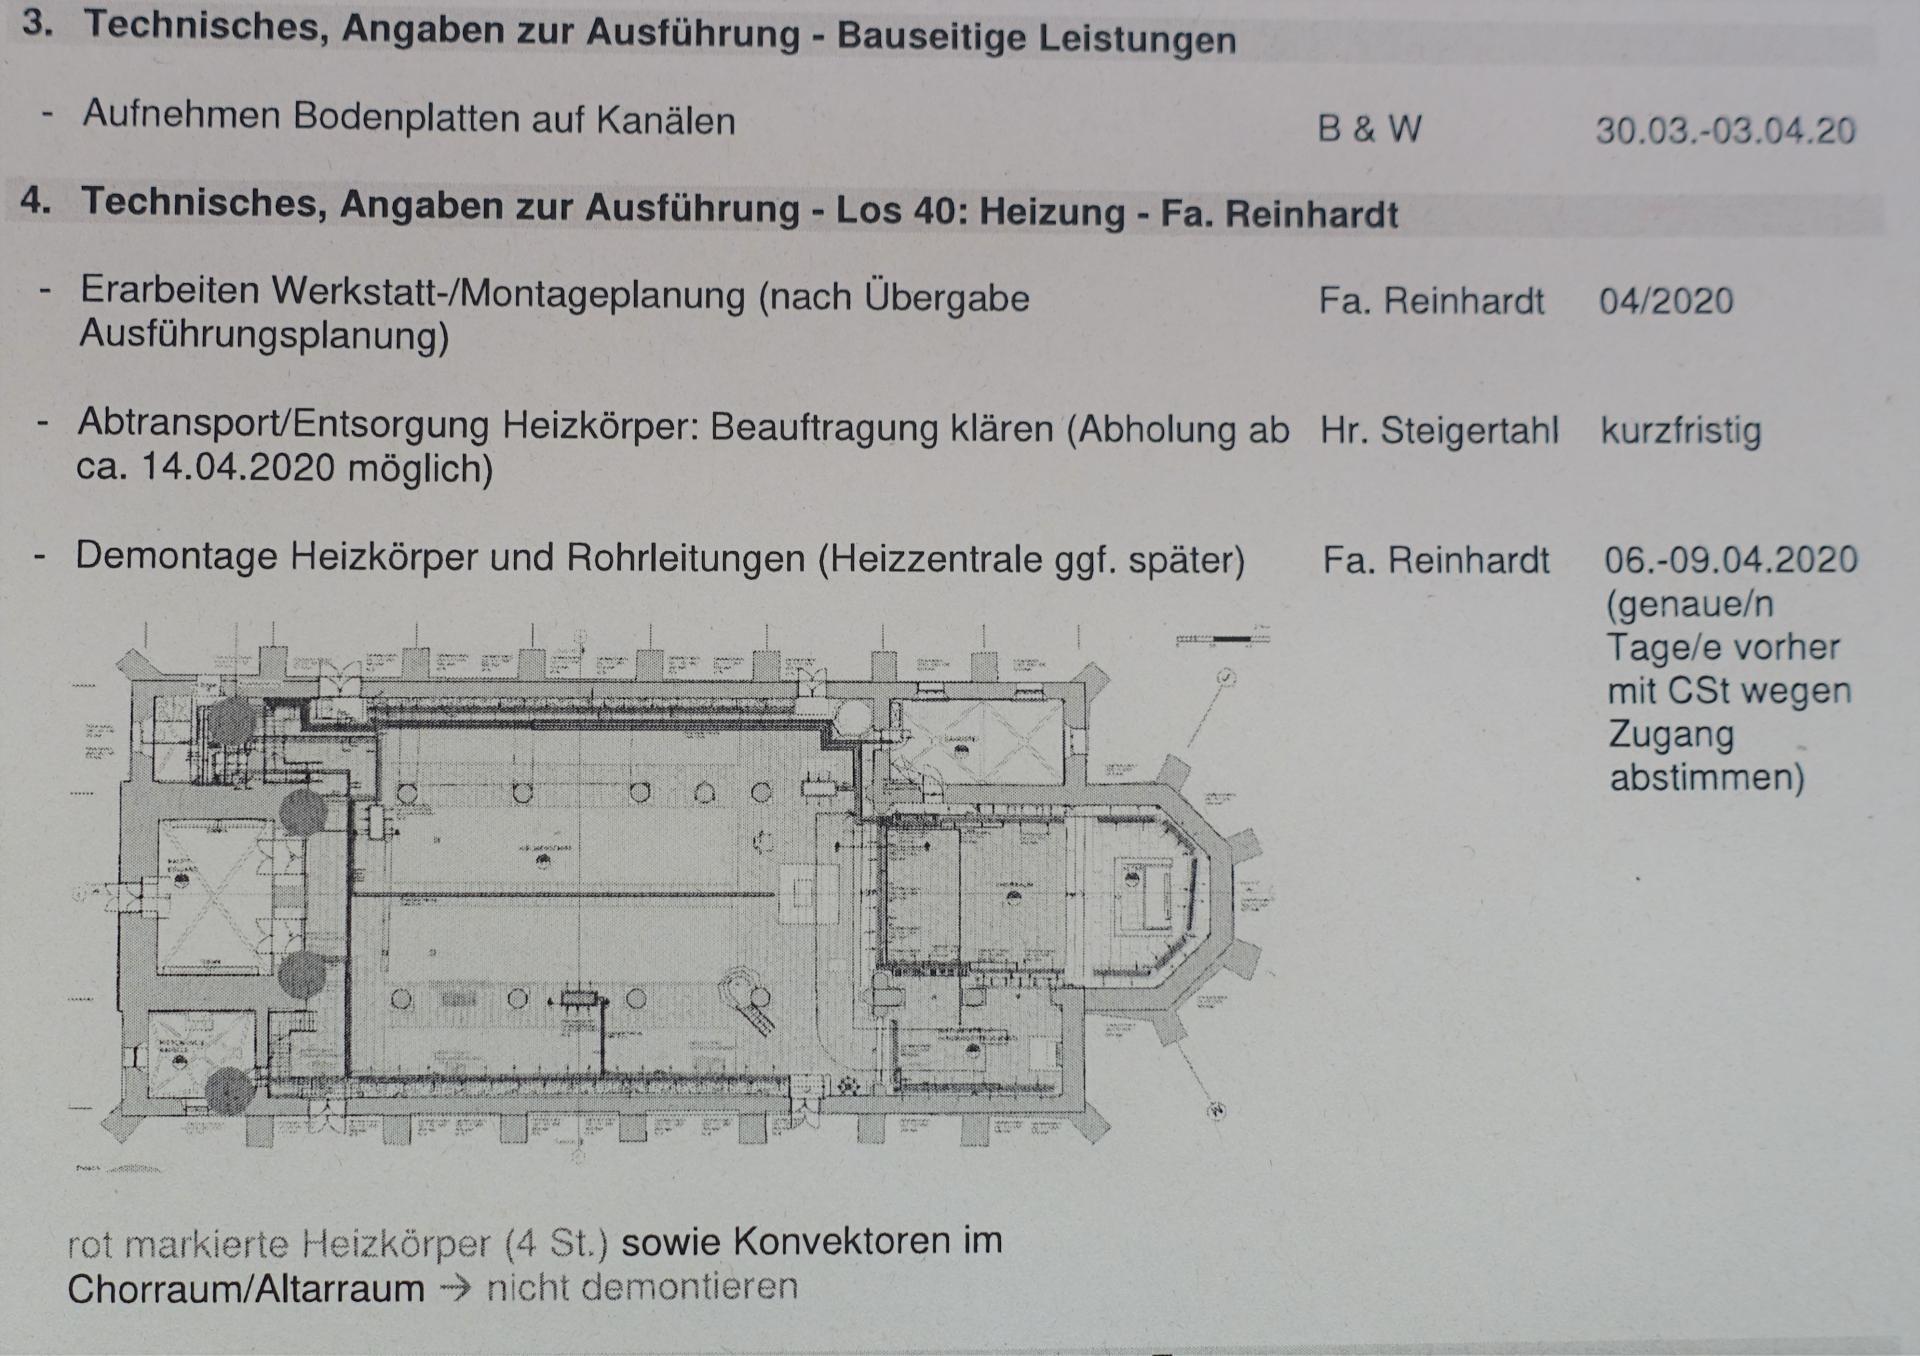 Aktennotiz der Baubesprechung- man sieht, mit welchen Einrichtungen wir bereits Kontakt aufgenommen haben